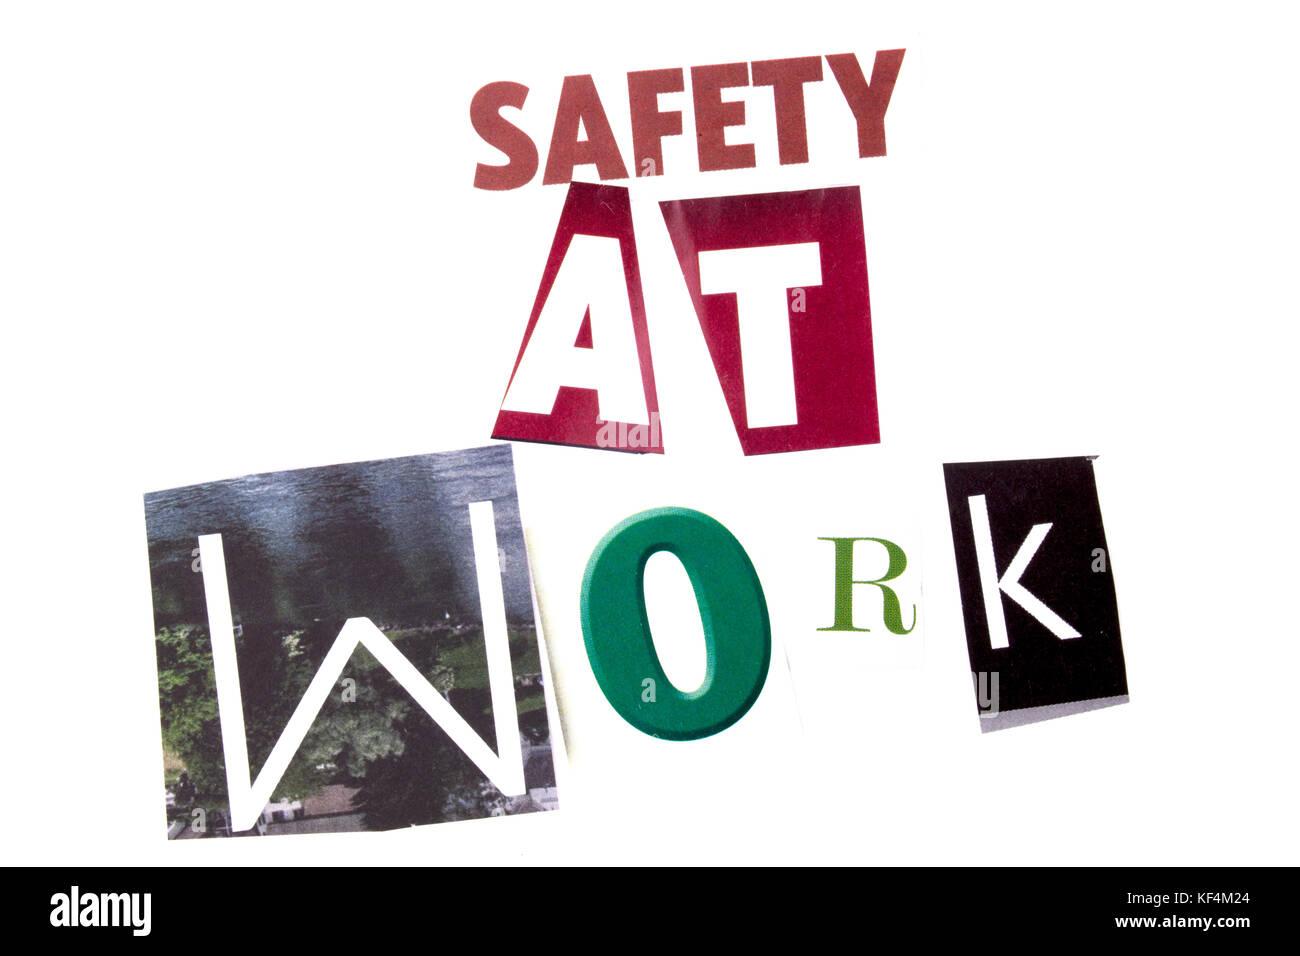 Una palabra escribiendo texto mostrando el concepto de la seguridad en el trabajo realizado de diferentes periódicos revista carta por concepto de negocios sobre el fondo blanco con espacio de copia Foto de stock